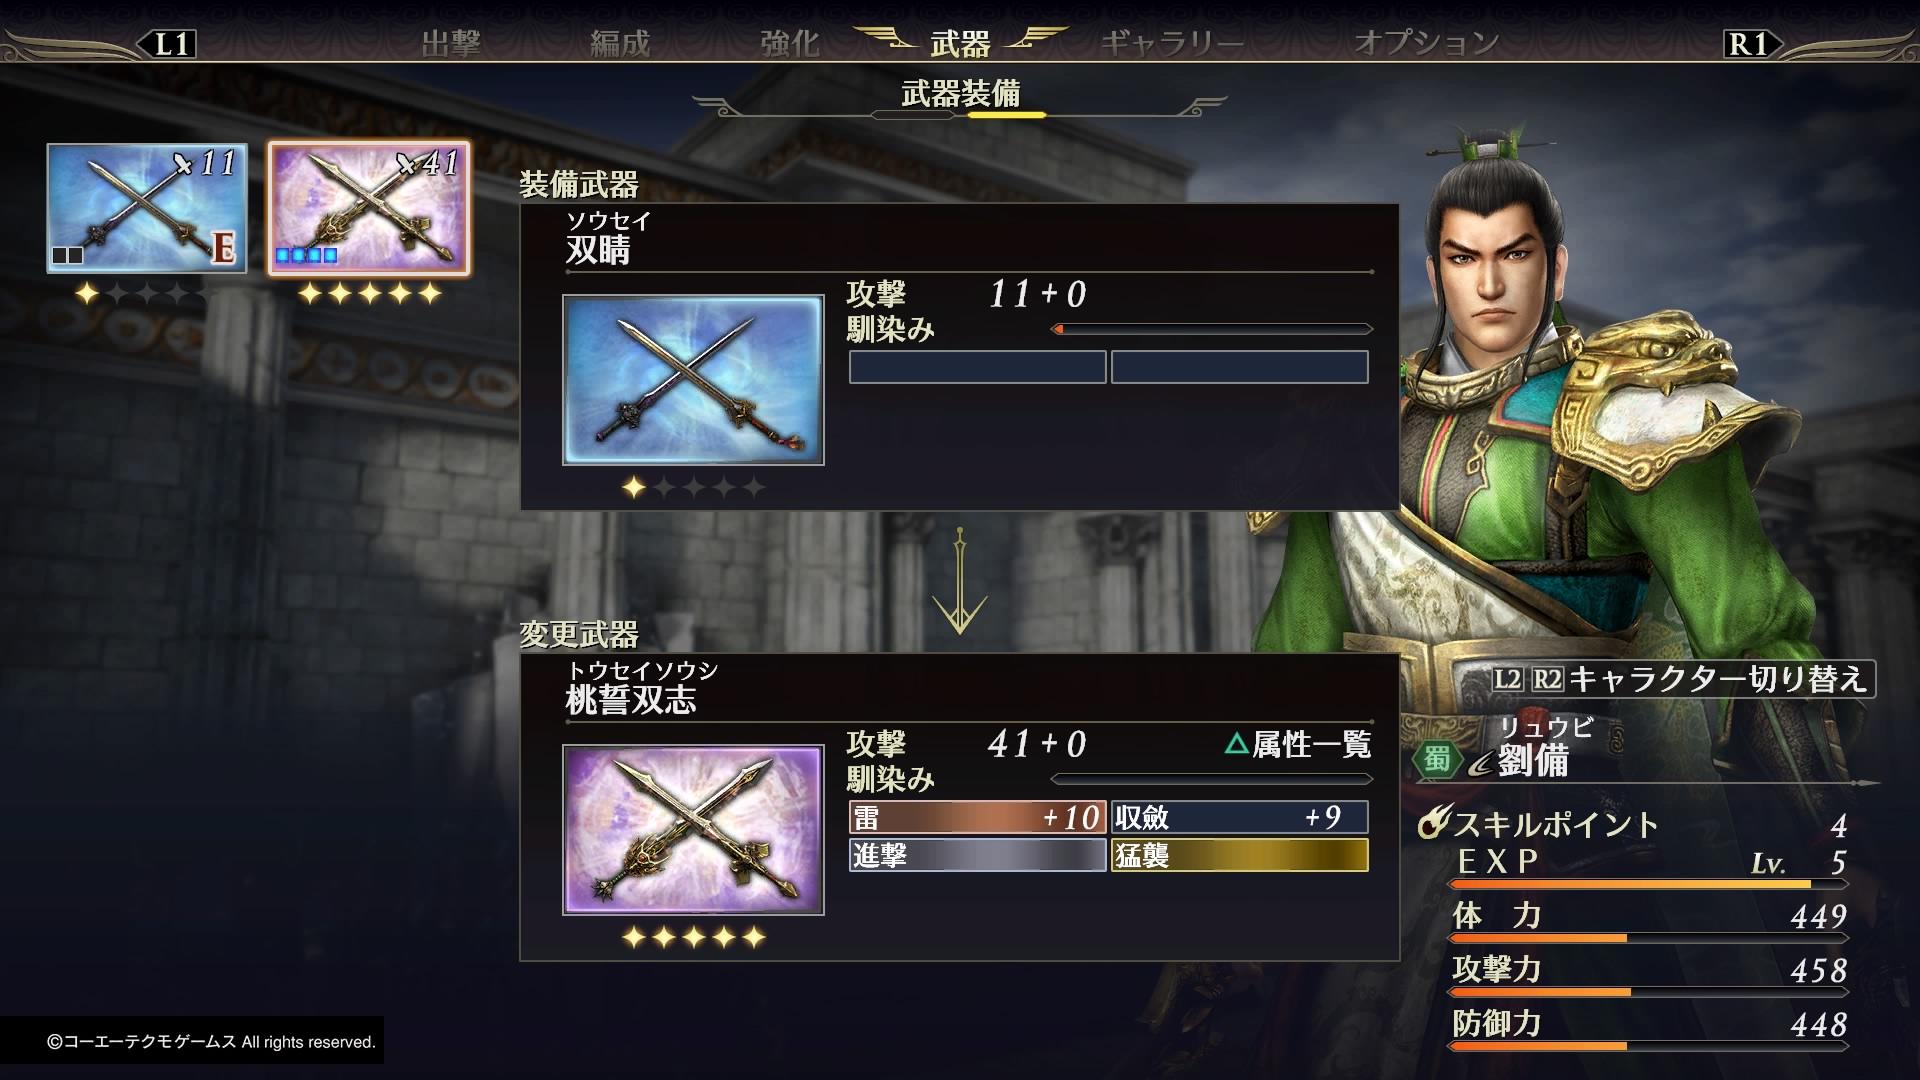 レベル ultimate 上げ orochi3 無双